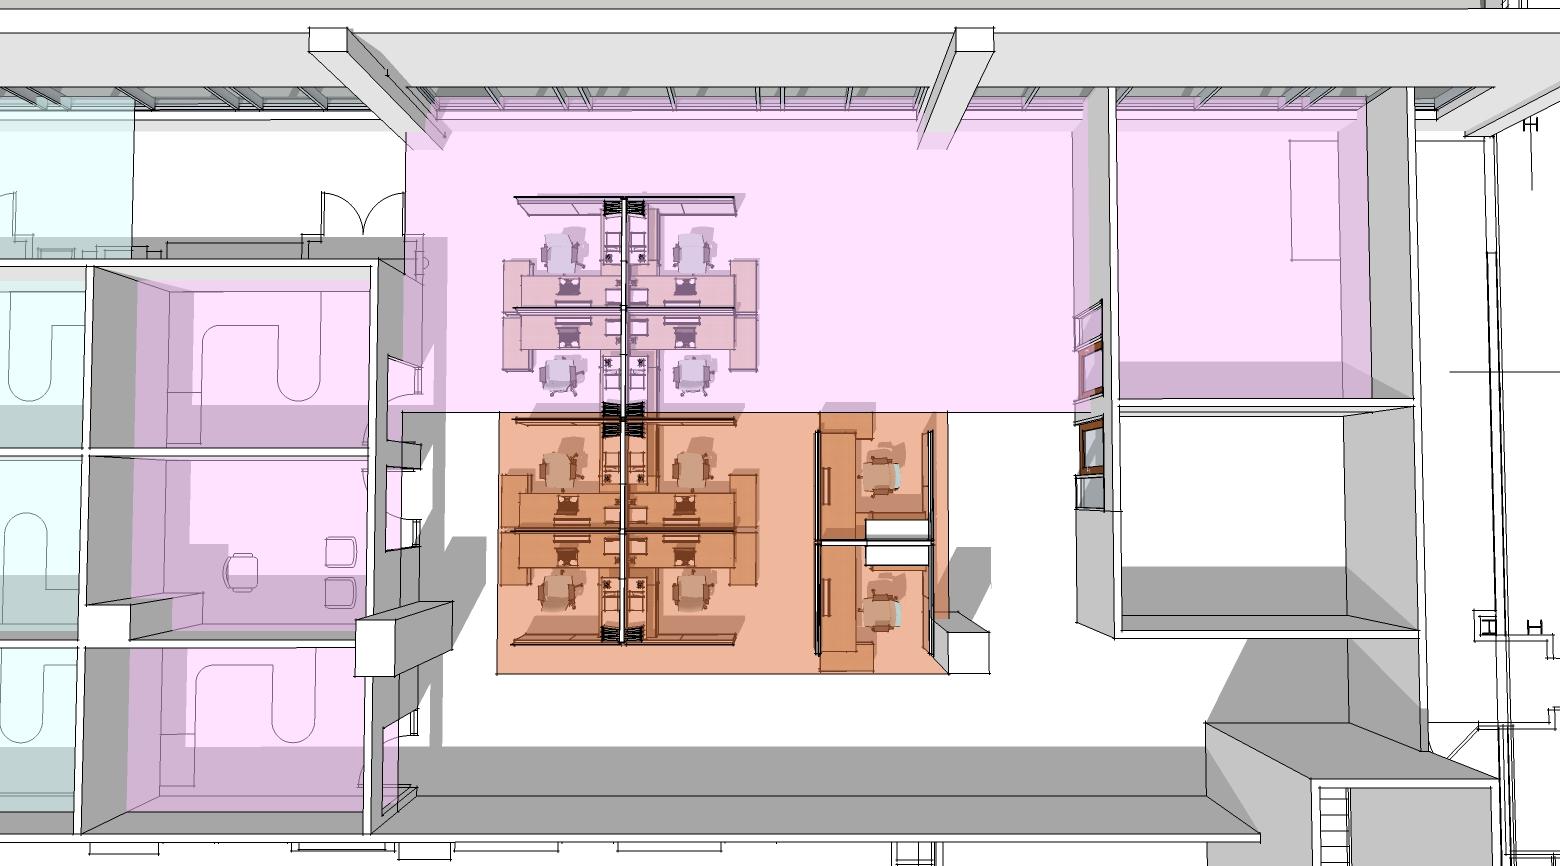 DSM Office 2_C&R_1.jpg